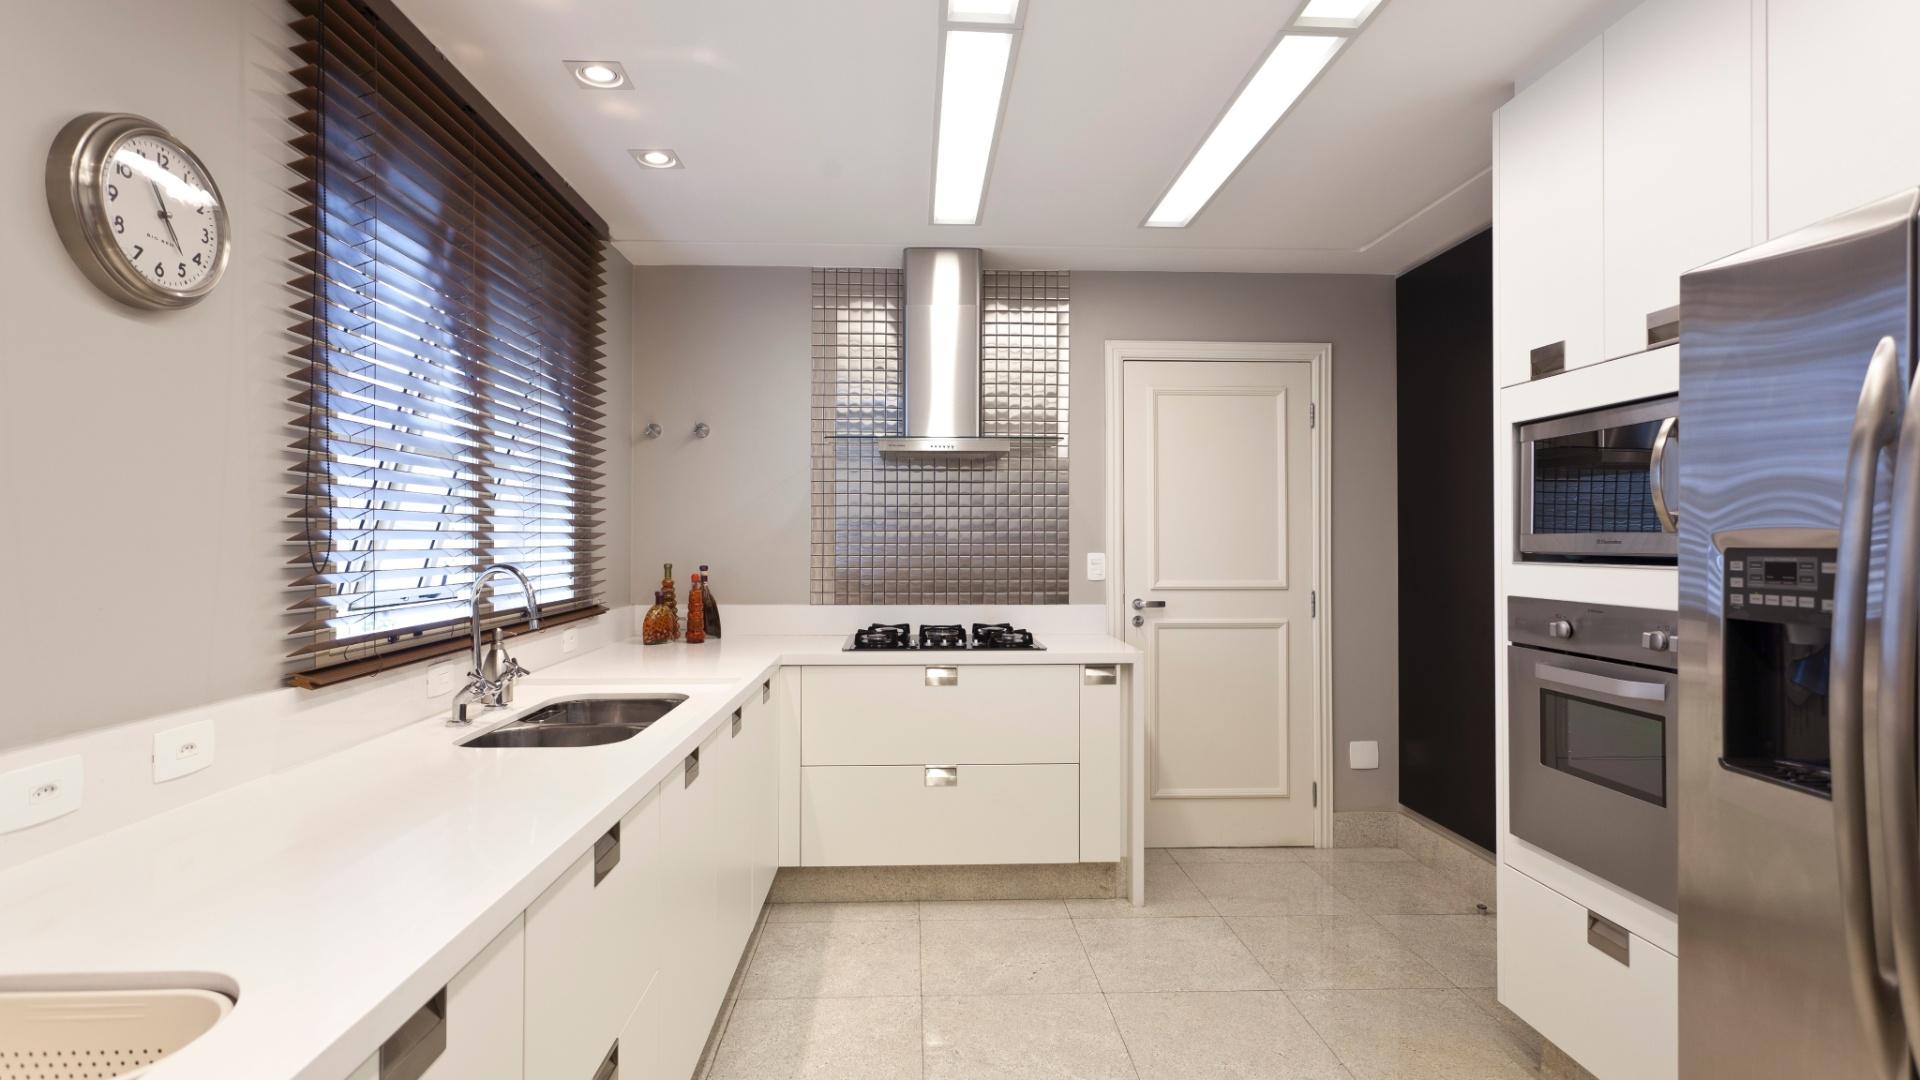 Cozinha Ilha Central Vista Bancada Refei O Geladeira HD Walls Find  #3C558F 1920x1080